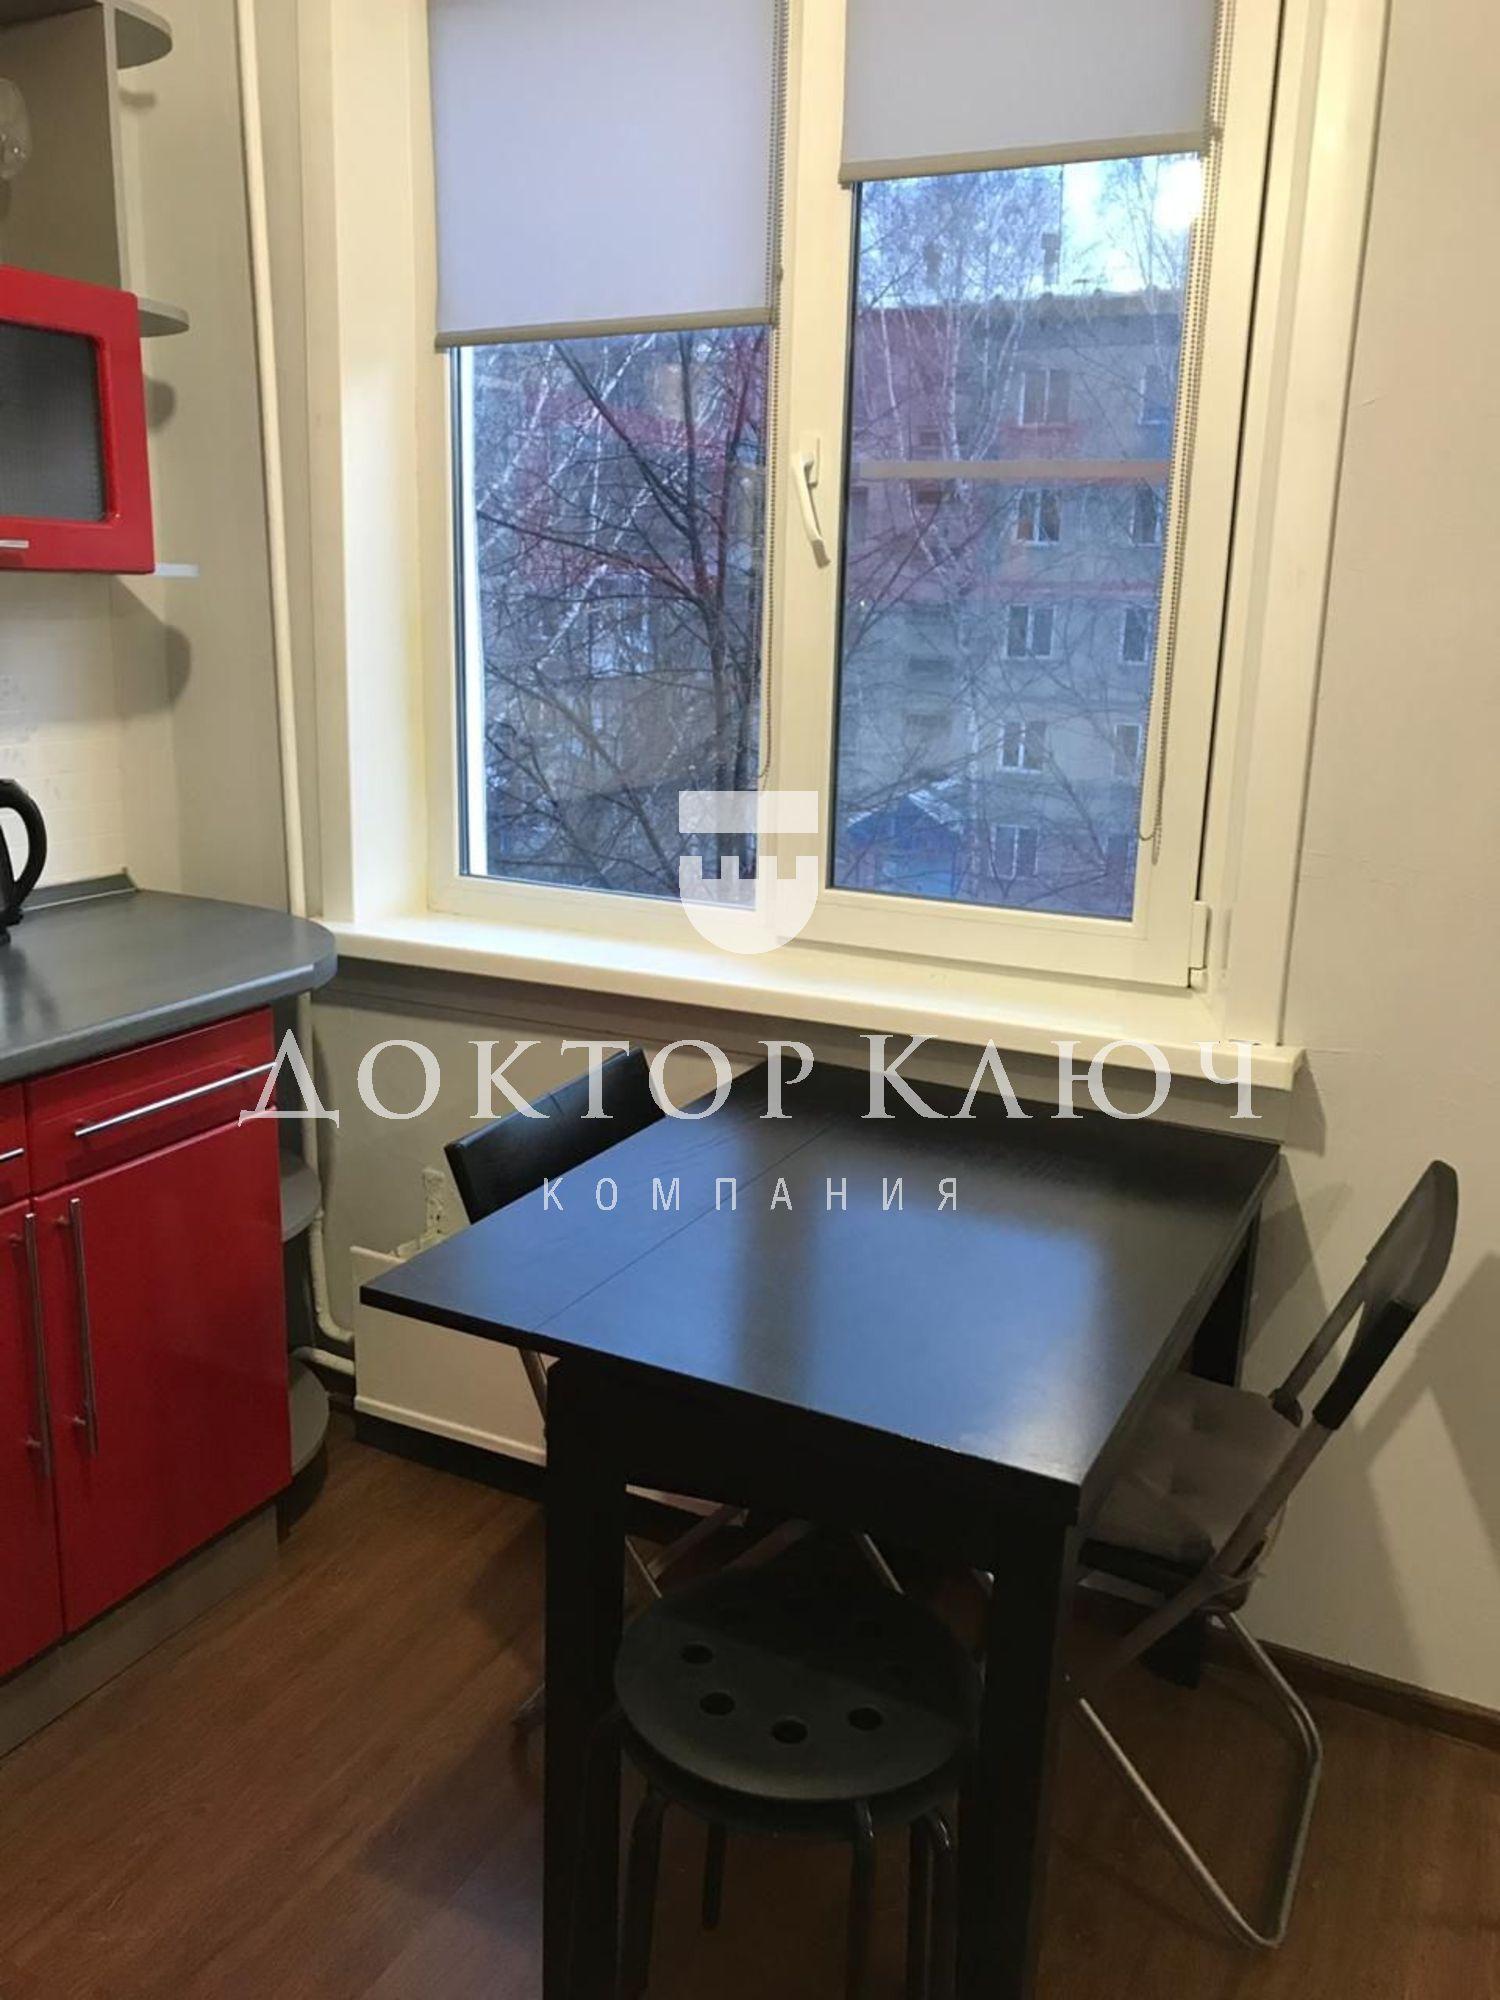 Квартира на продажу по адресу Россия, Новосибирская область, Искитим, Подгорный мкр, д. 26